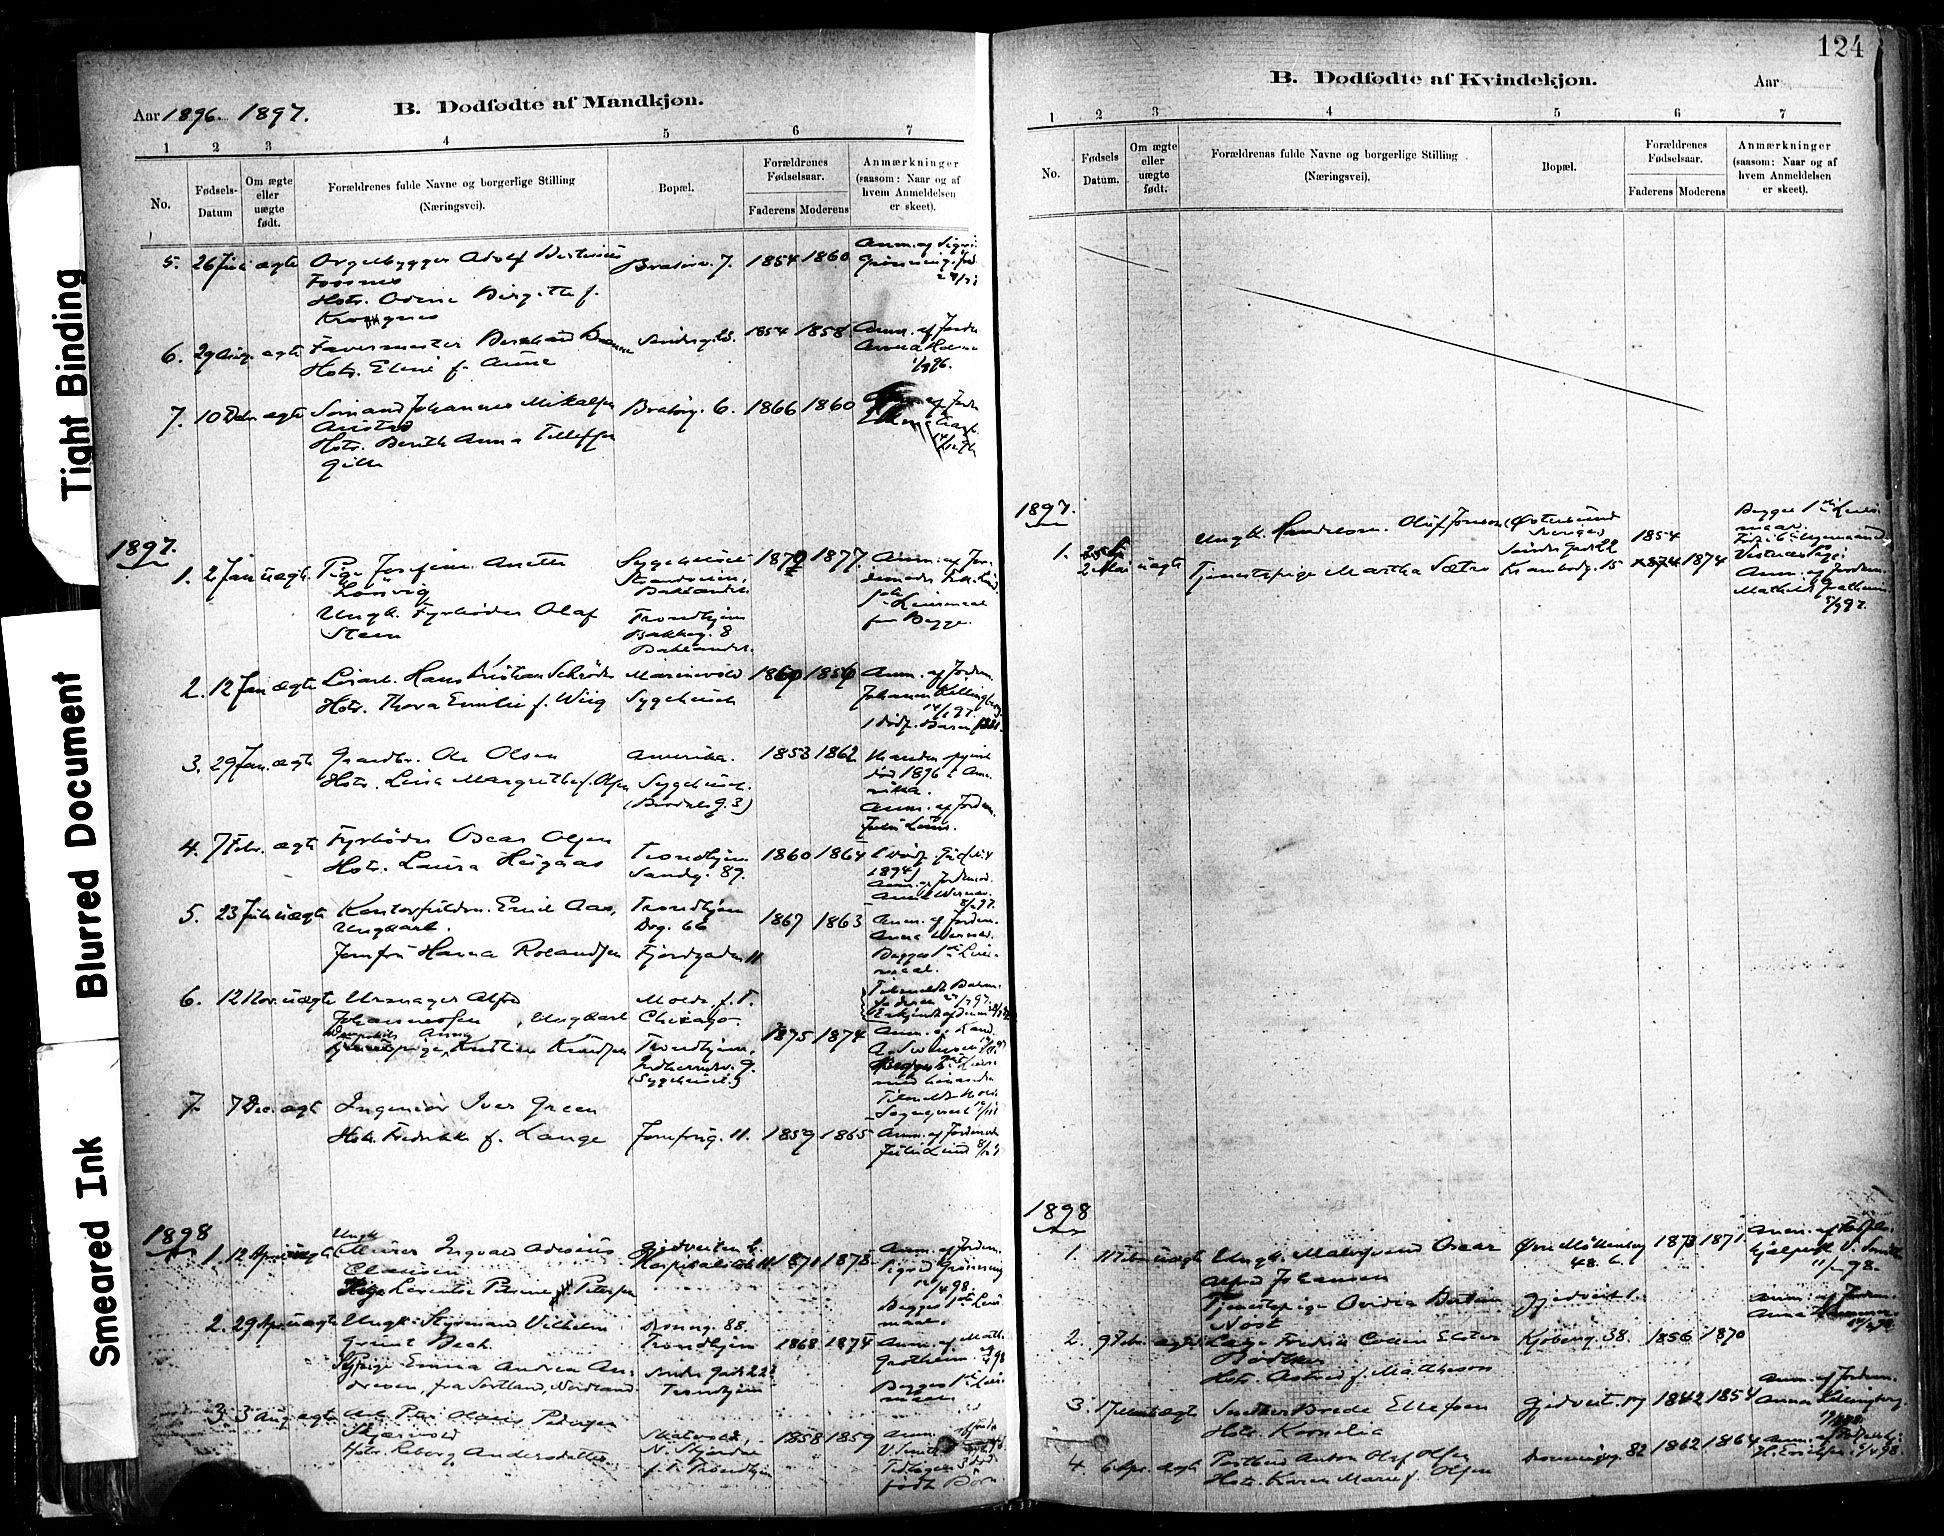 SAT, Ministerialprotokoller, klokkerbøker og fødselsregistre - Sør-Trøndelag, 602/L0119: Ministerialbok nr. 602A17, 1880-1901, s. 124